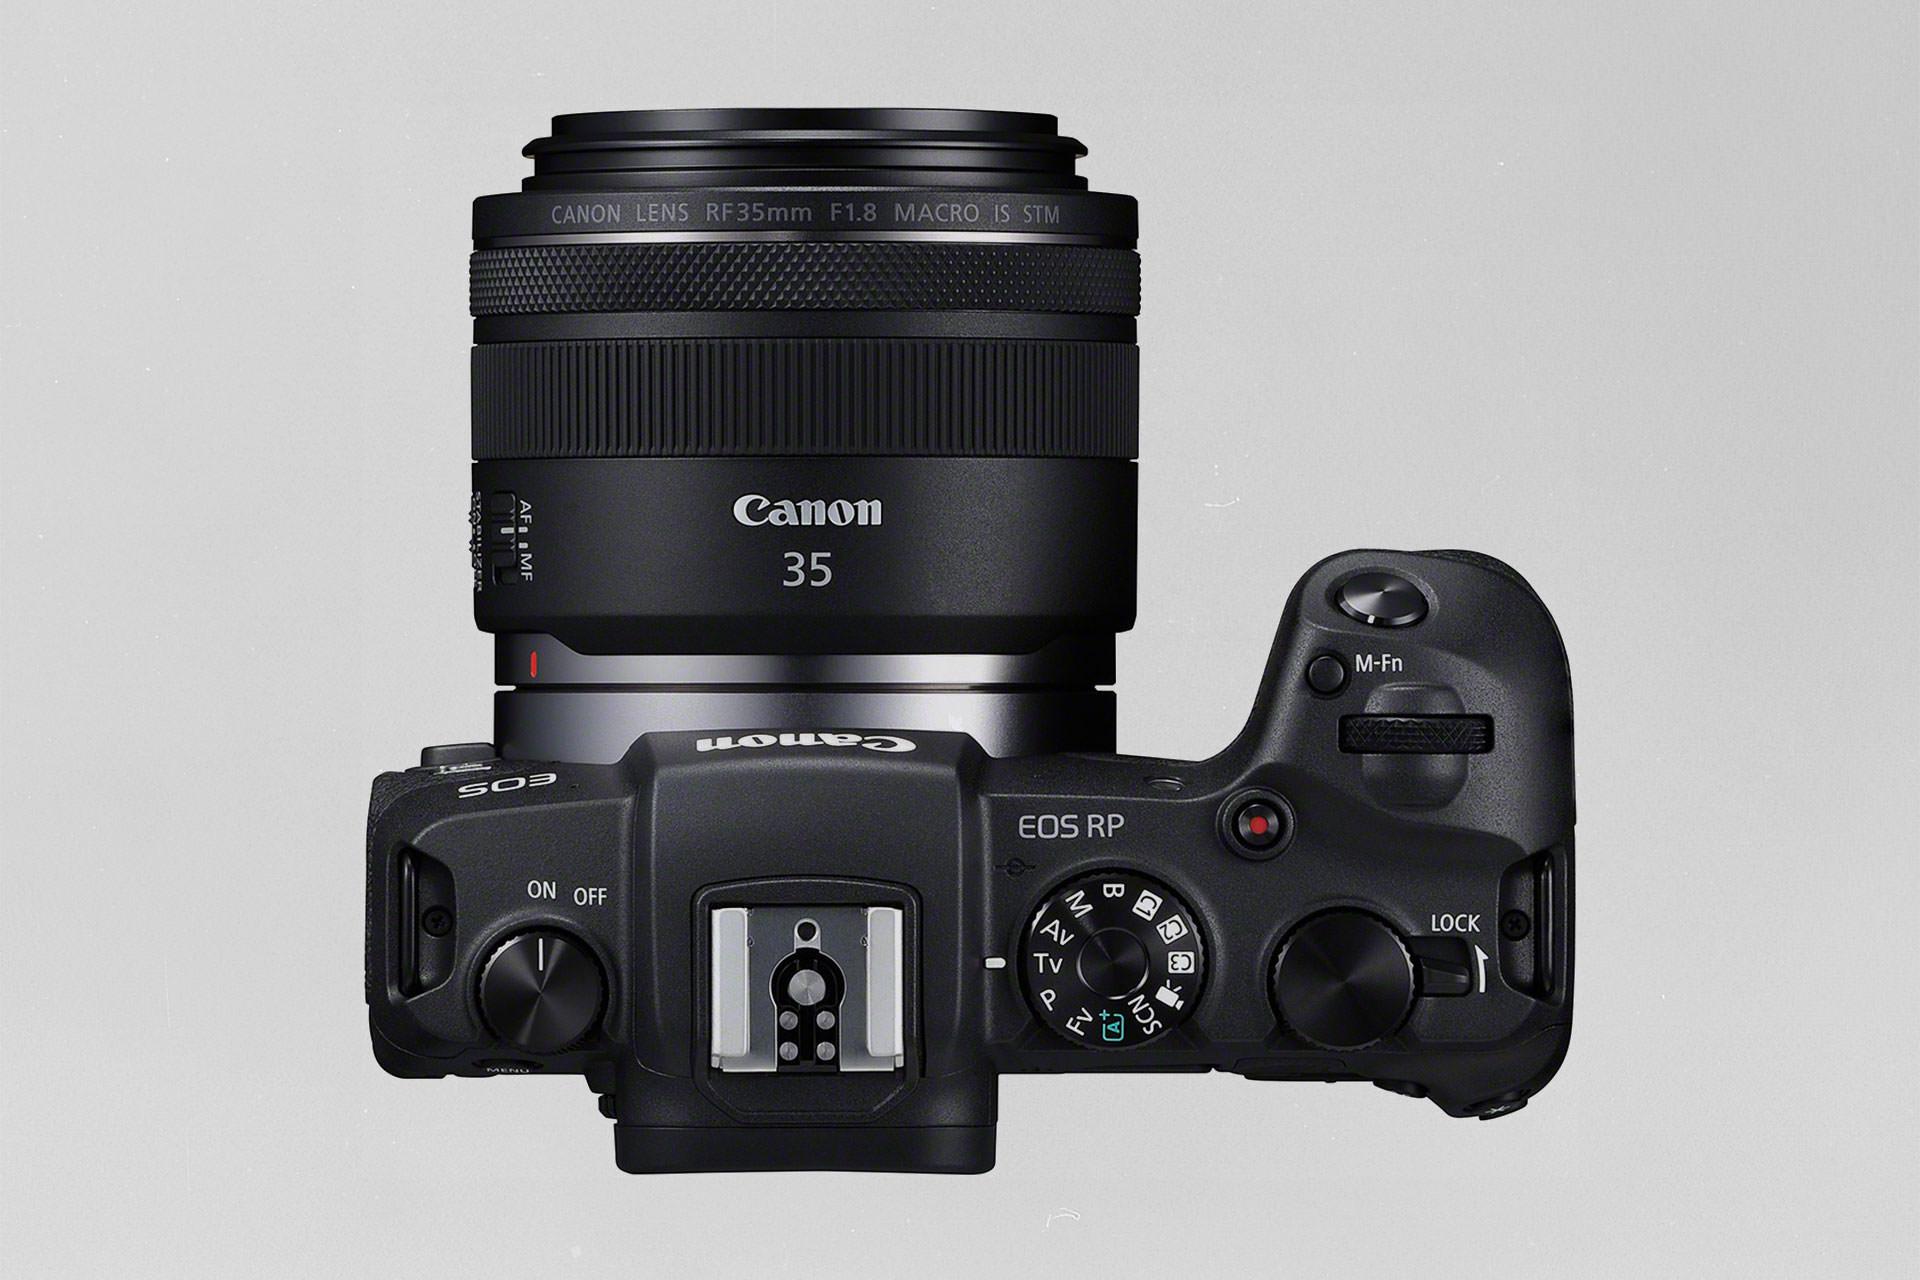 Die Canon EOS RP von oben mit dem RF 35mm 1.8 Macro